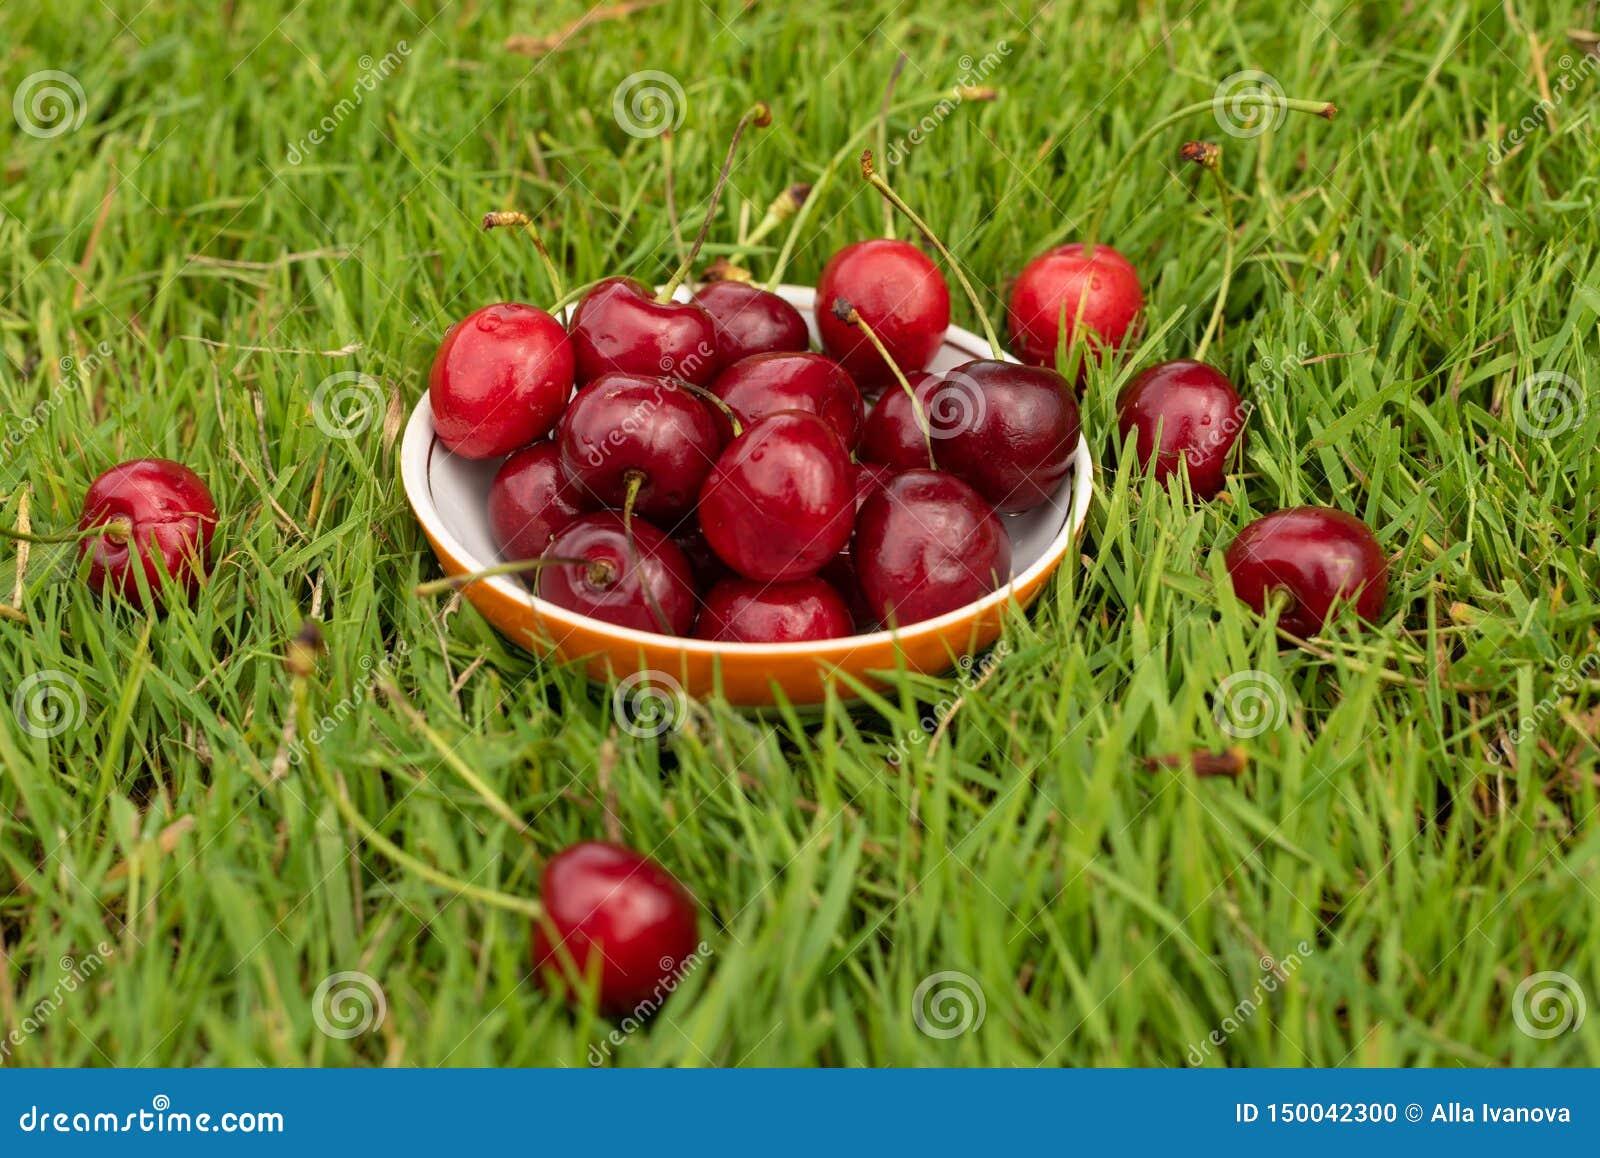 Verse rijpe rode zoete kersen in een plaat op groen gras Zoete kersenvruchten in een tuin in zomer regendruppels Macro